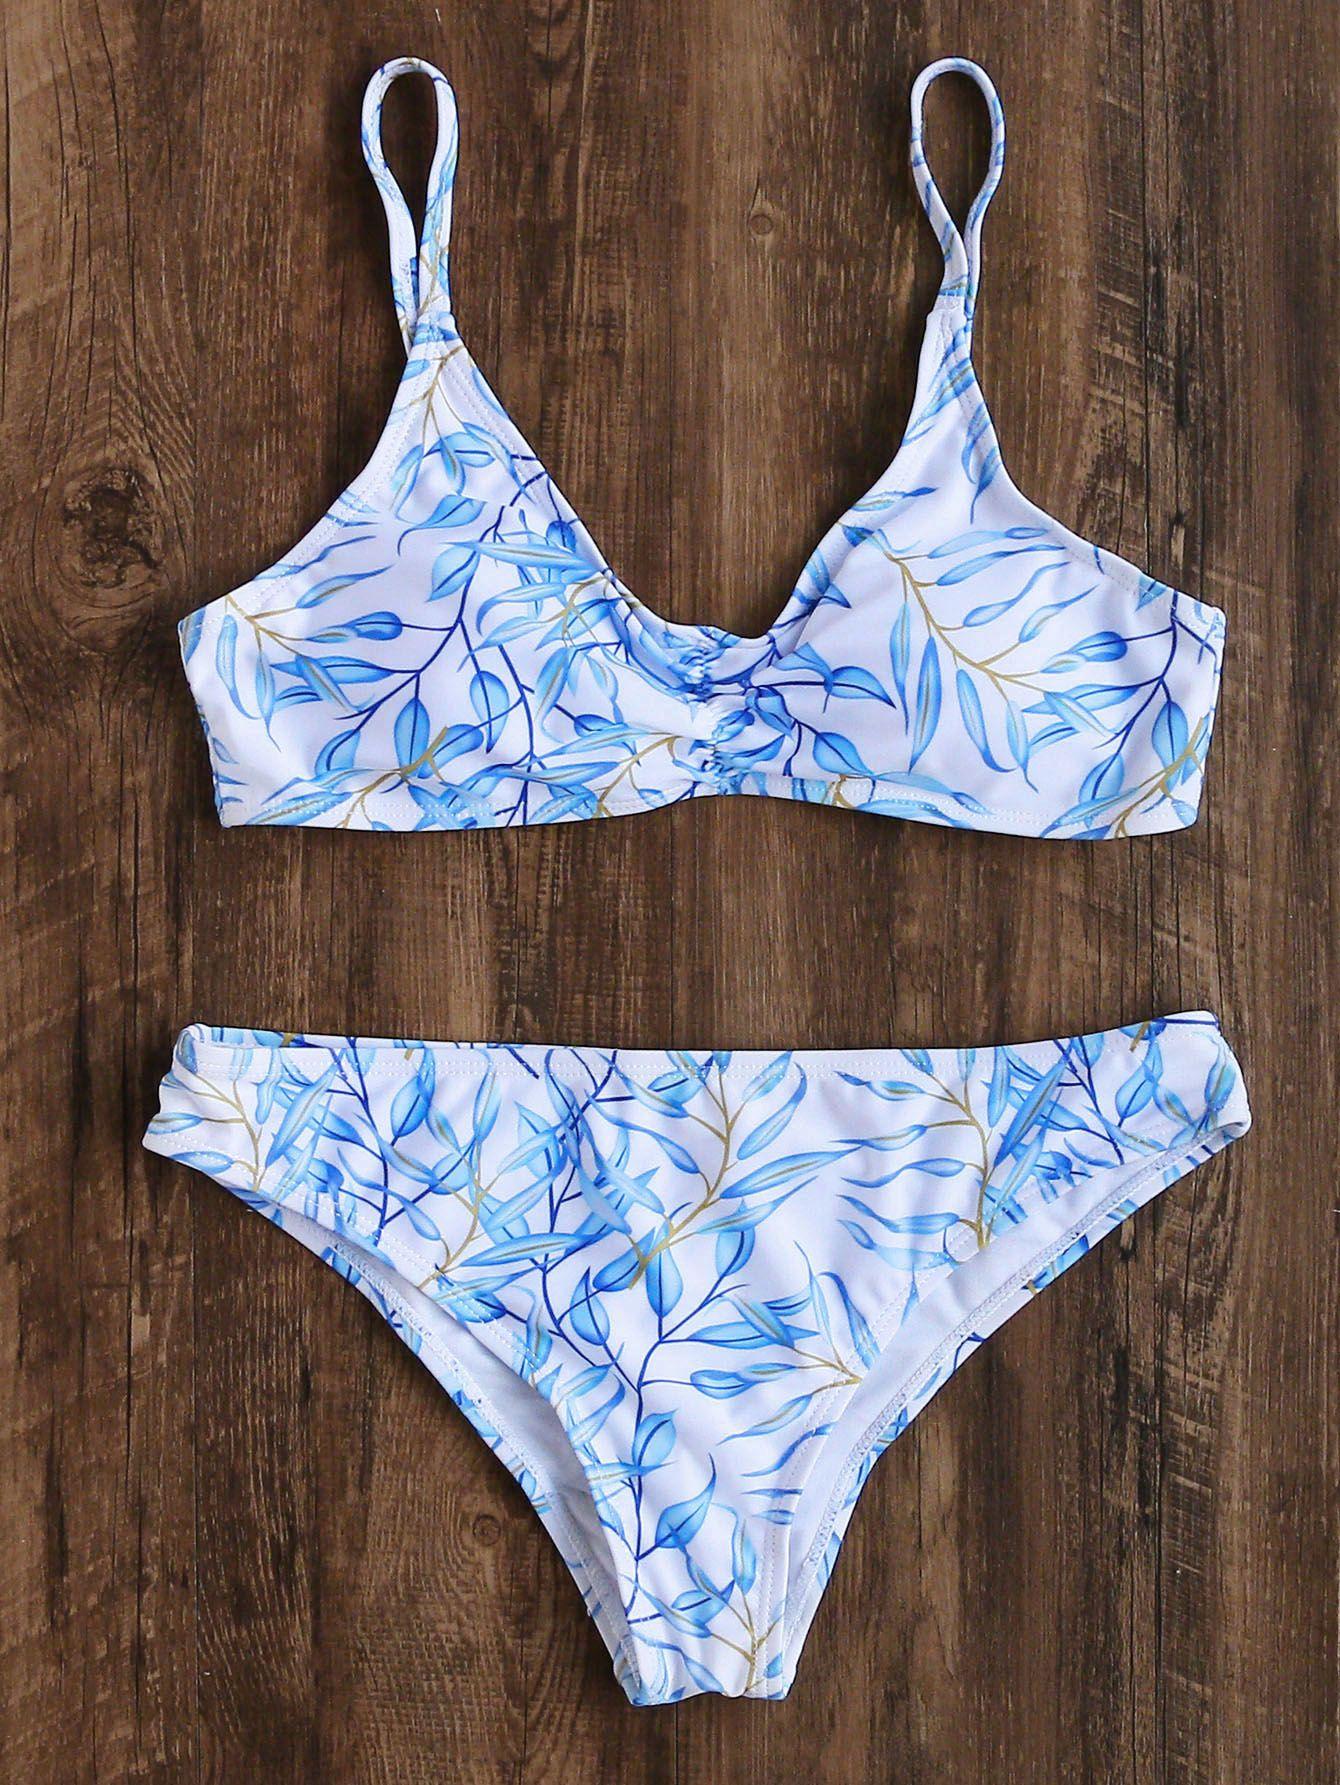 7817e2701a Shop White Leaf Print Bikini Set online. SheIn offers White Leaf Print  Bikini Set & more to fit your fashionable needs.